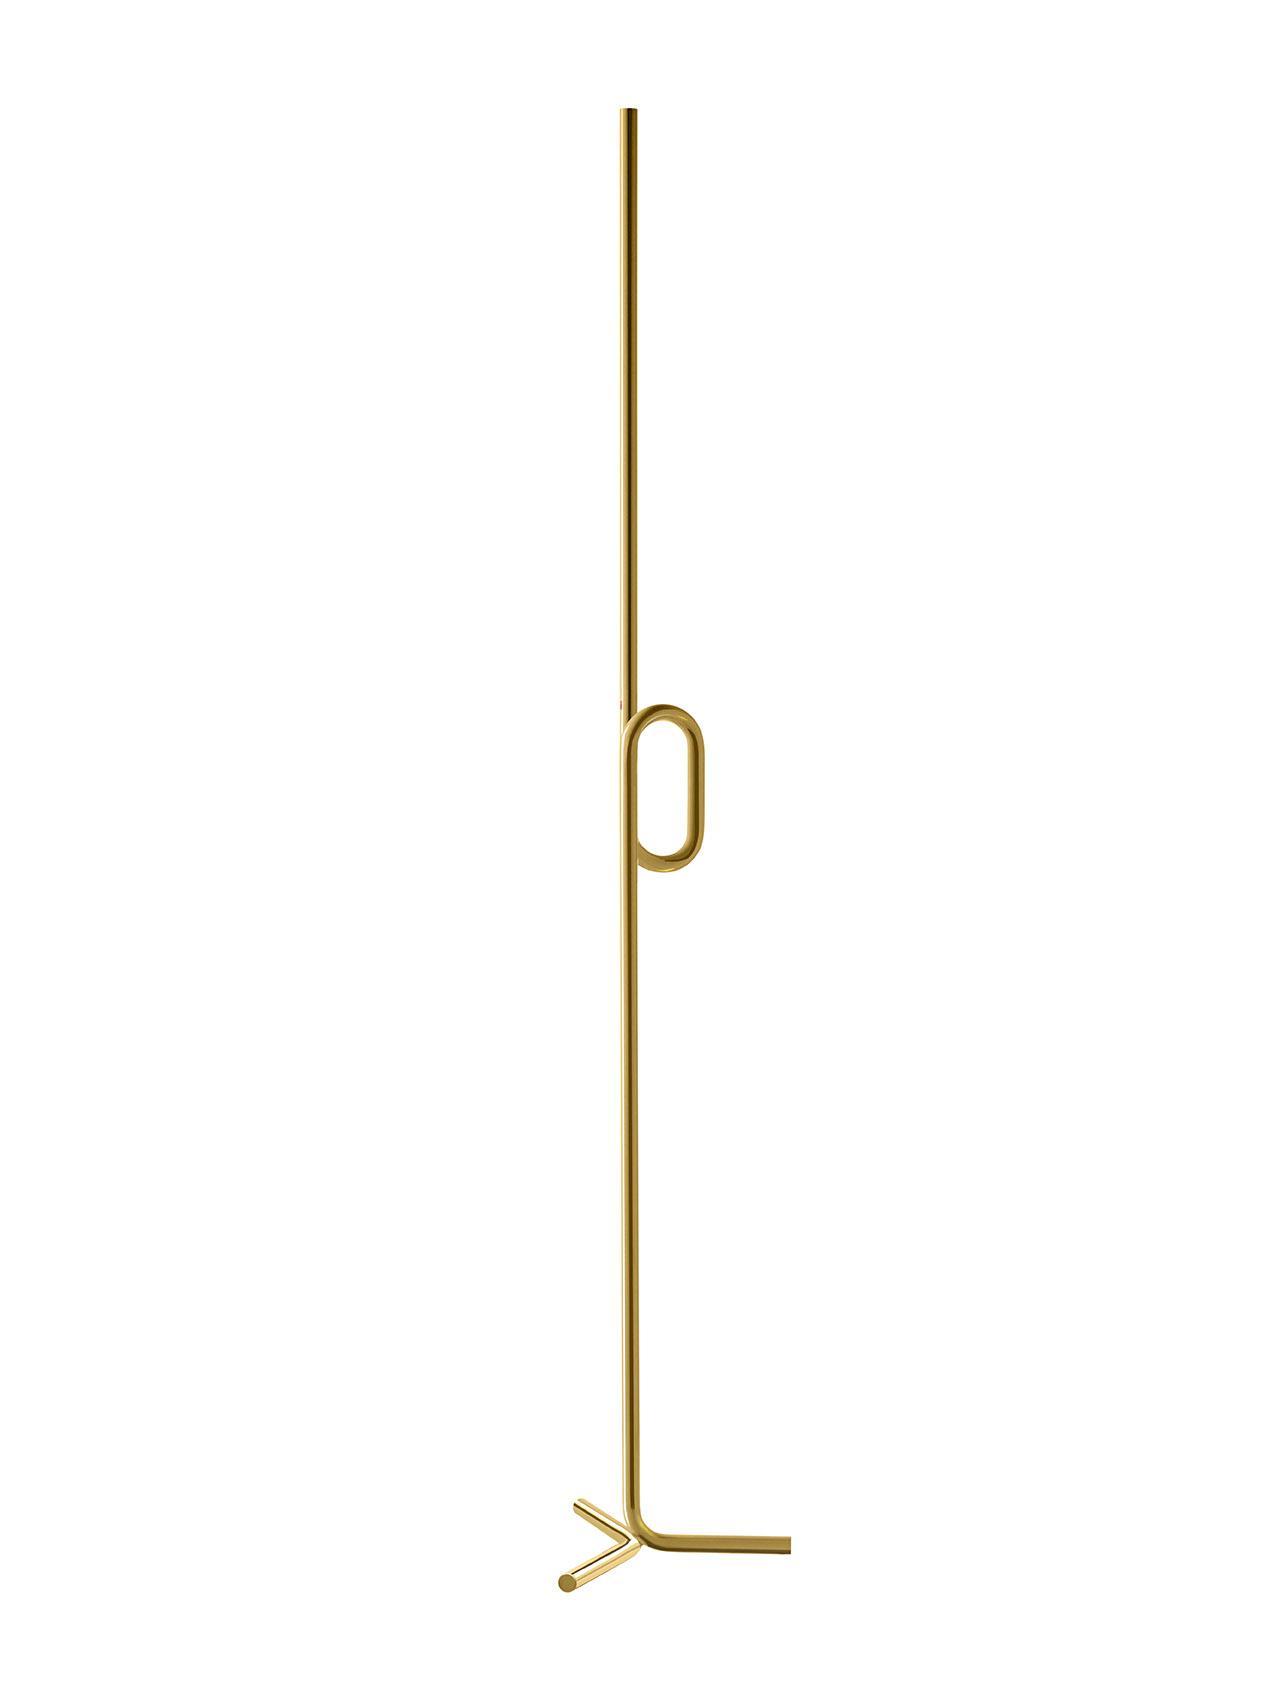 Lampada da terra Tobia in metallo e alluminio verniciato a liquido o dorato color oro